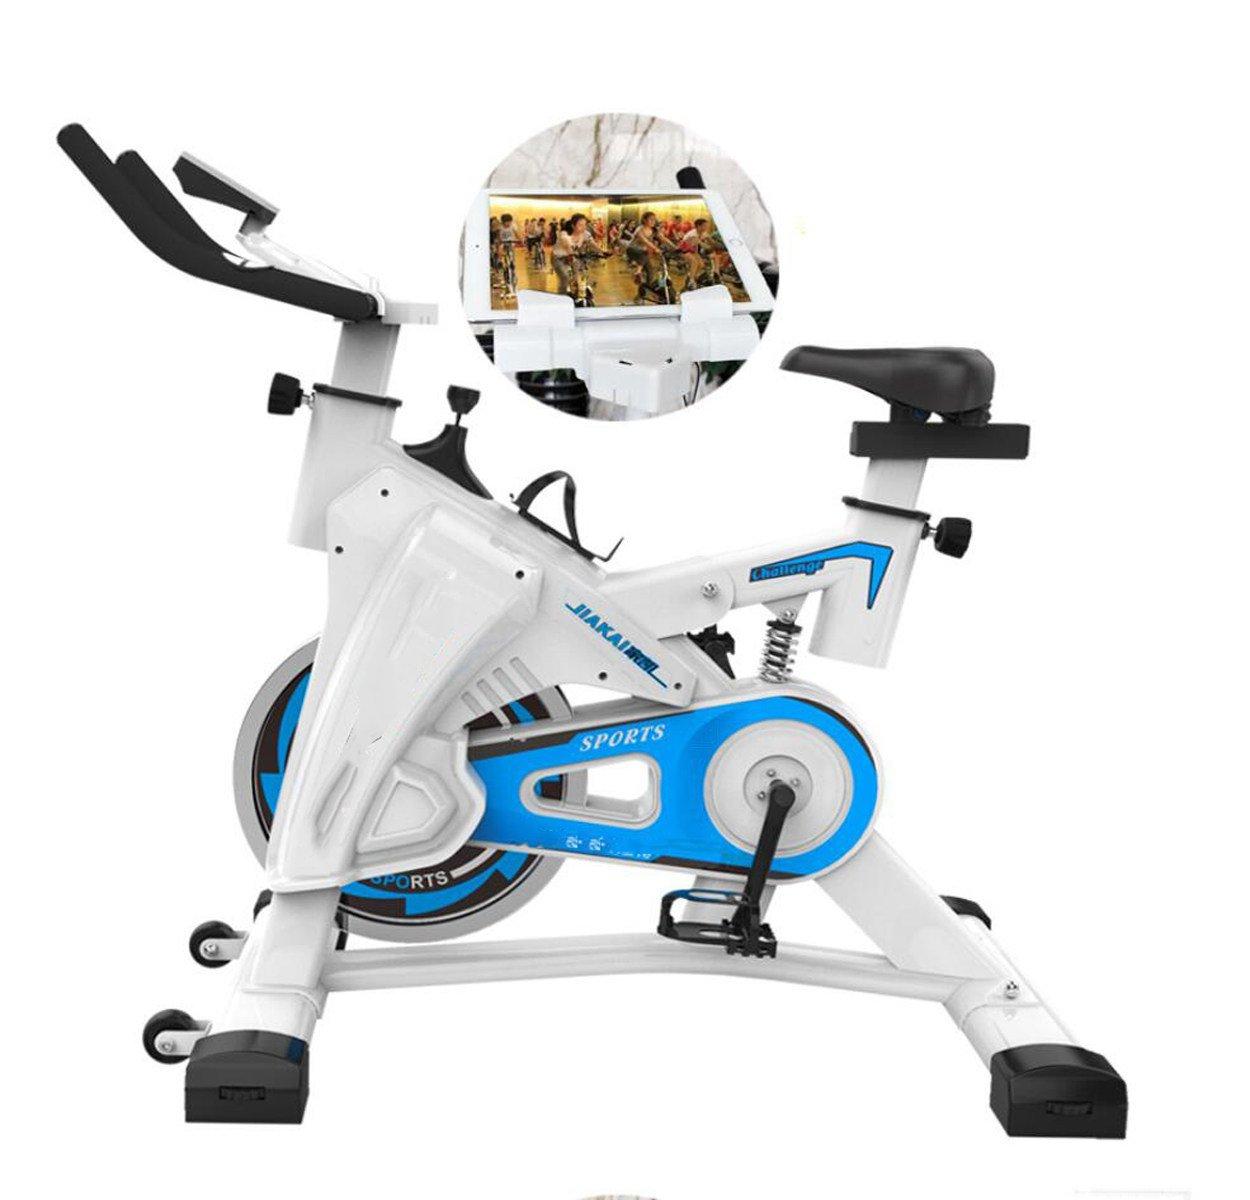 Ejercicio Bicicleta Spinning Bicicleta Home Mute Equipo De Fitness Pie 101 * 49 * 116cm